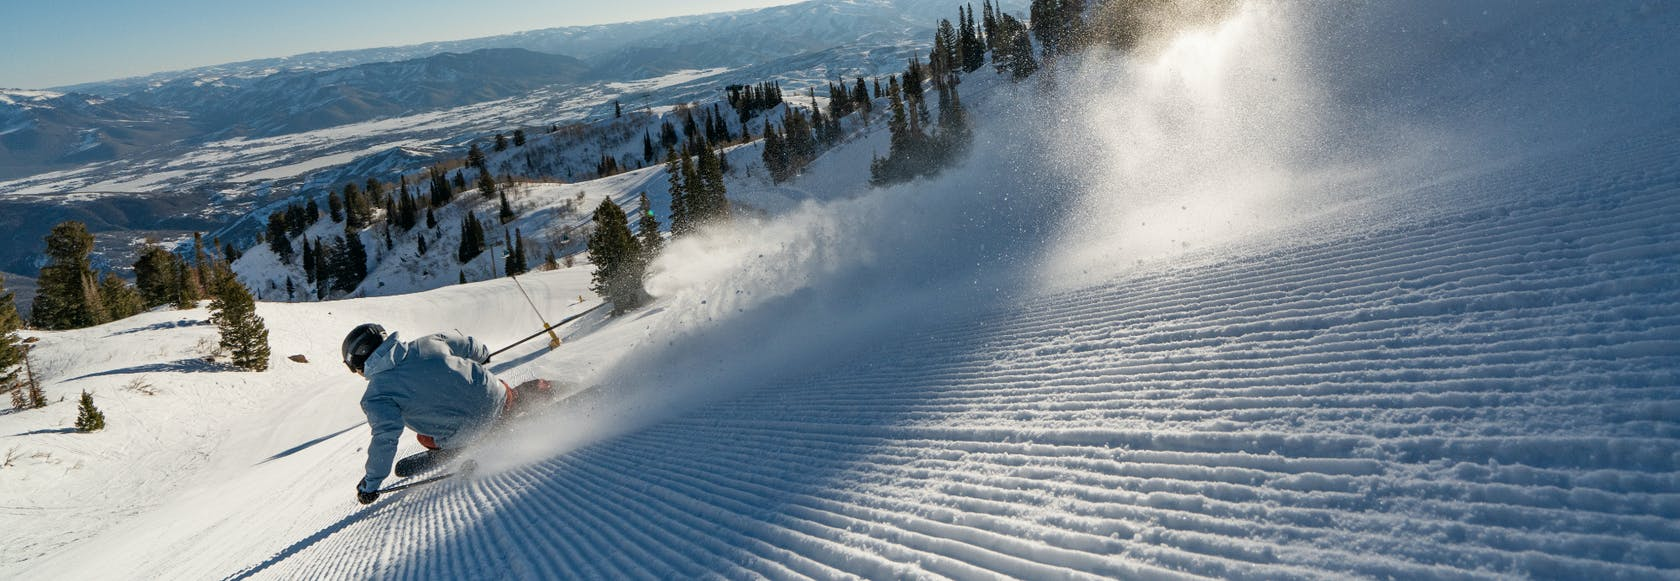 Salomon Skitouring  e Ski Alpin